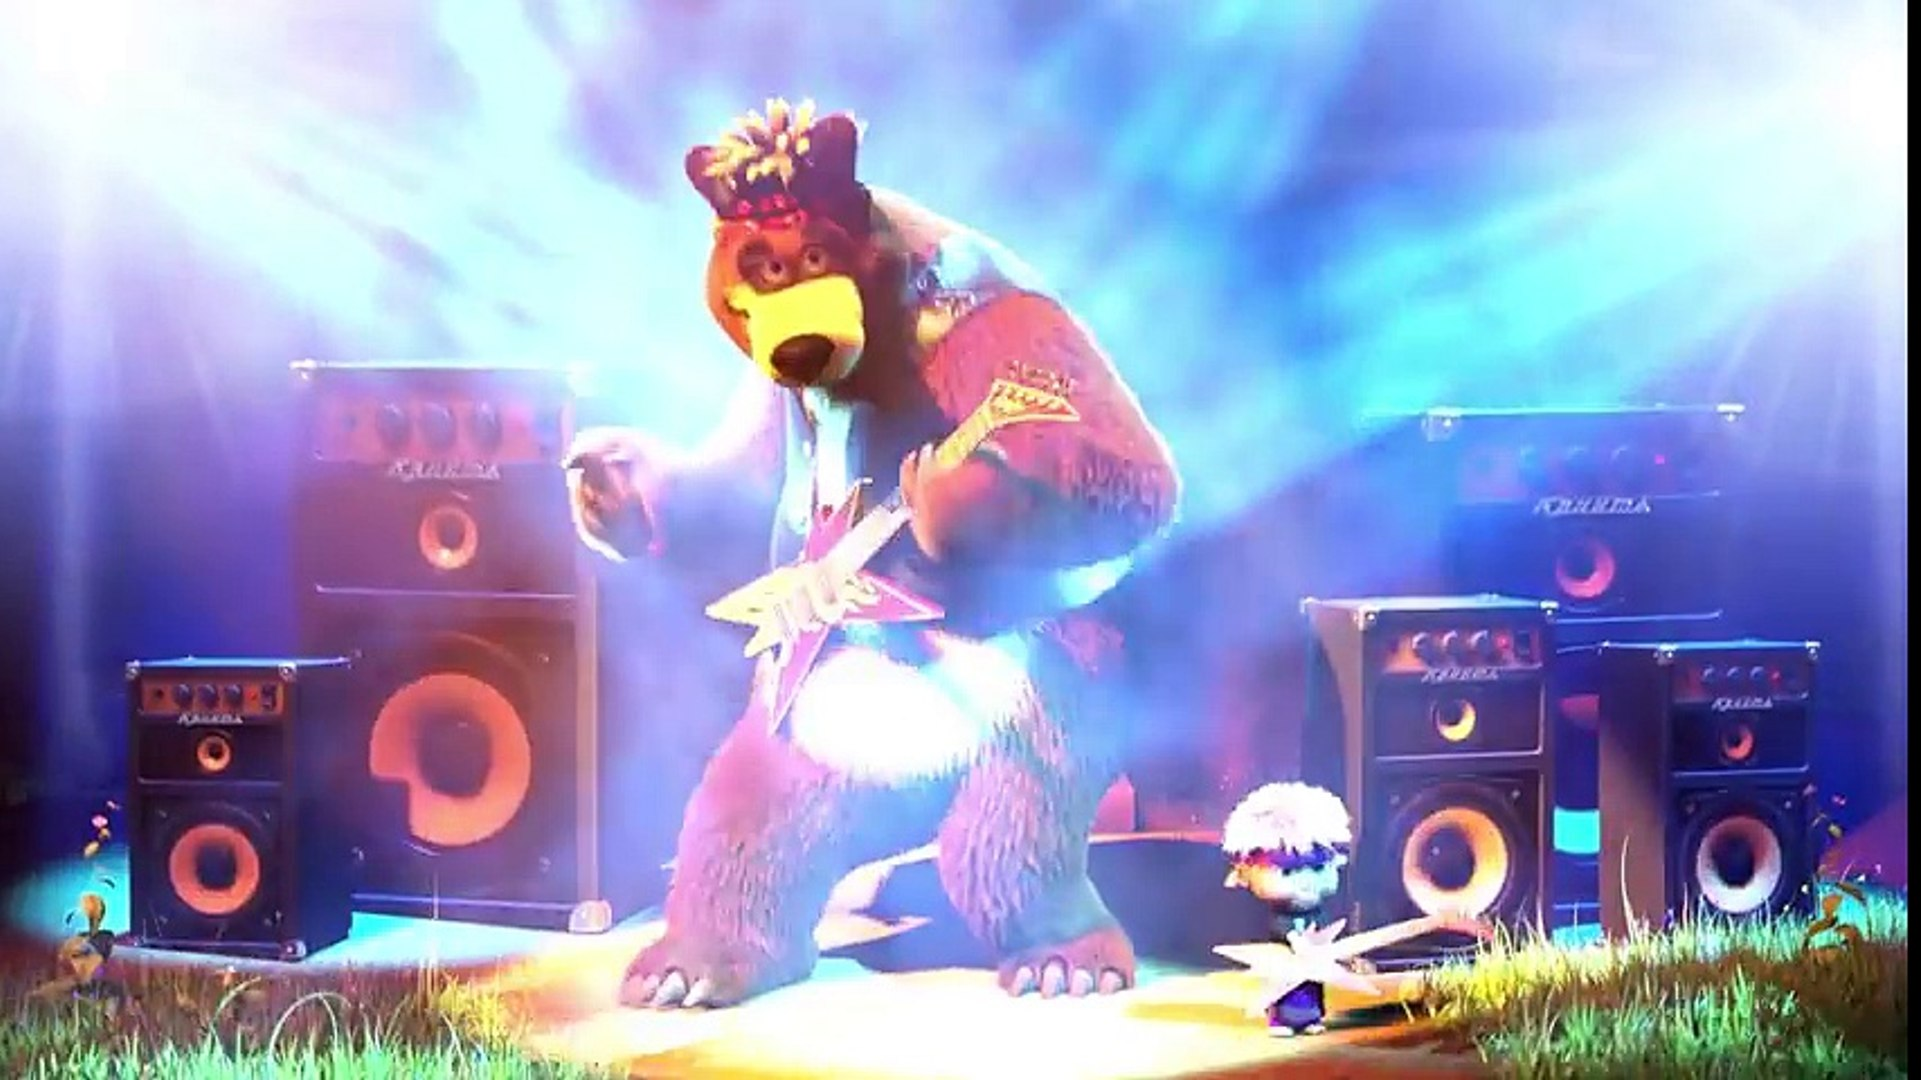 Маша и Медведь - Песенка друзей (Музыкальный клип из мультфильма Маша и Медведь)